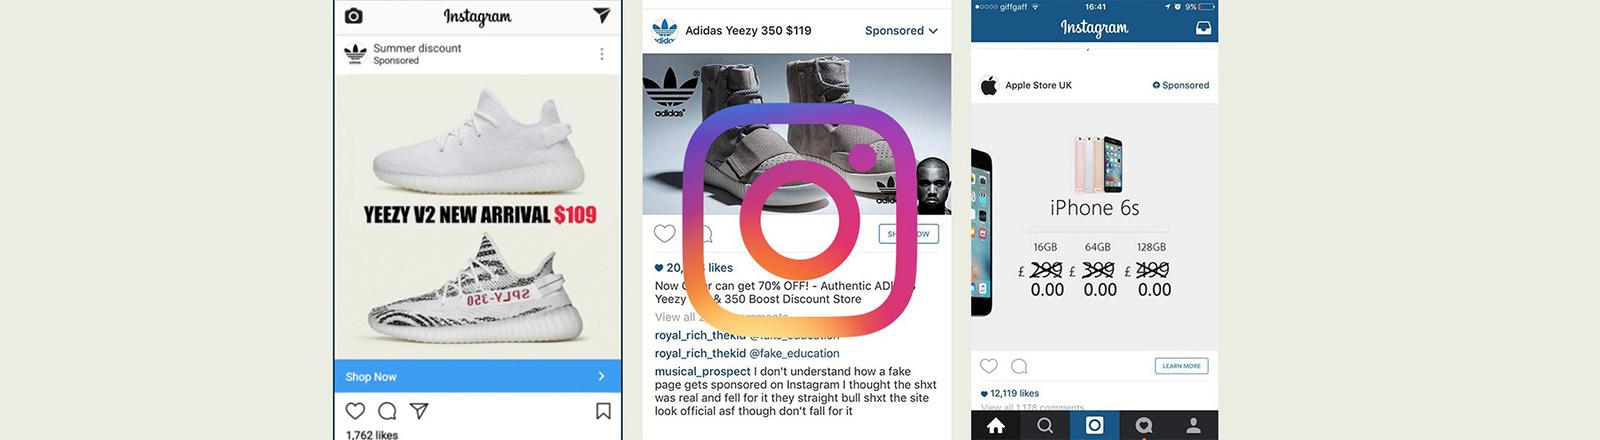 インスタグラムに蔓延する、「偽造品」広告問題が深刻化:アディダスの偽スニーカーに注意